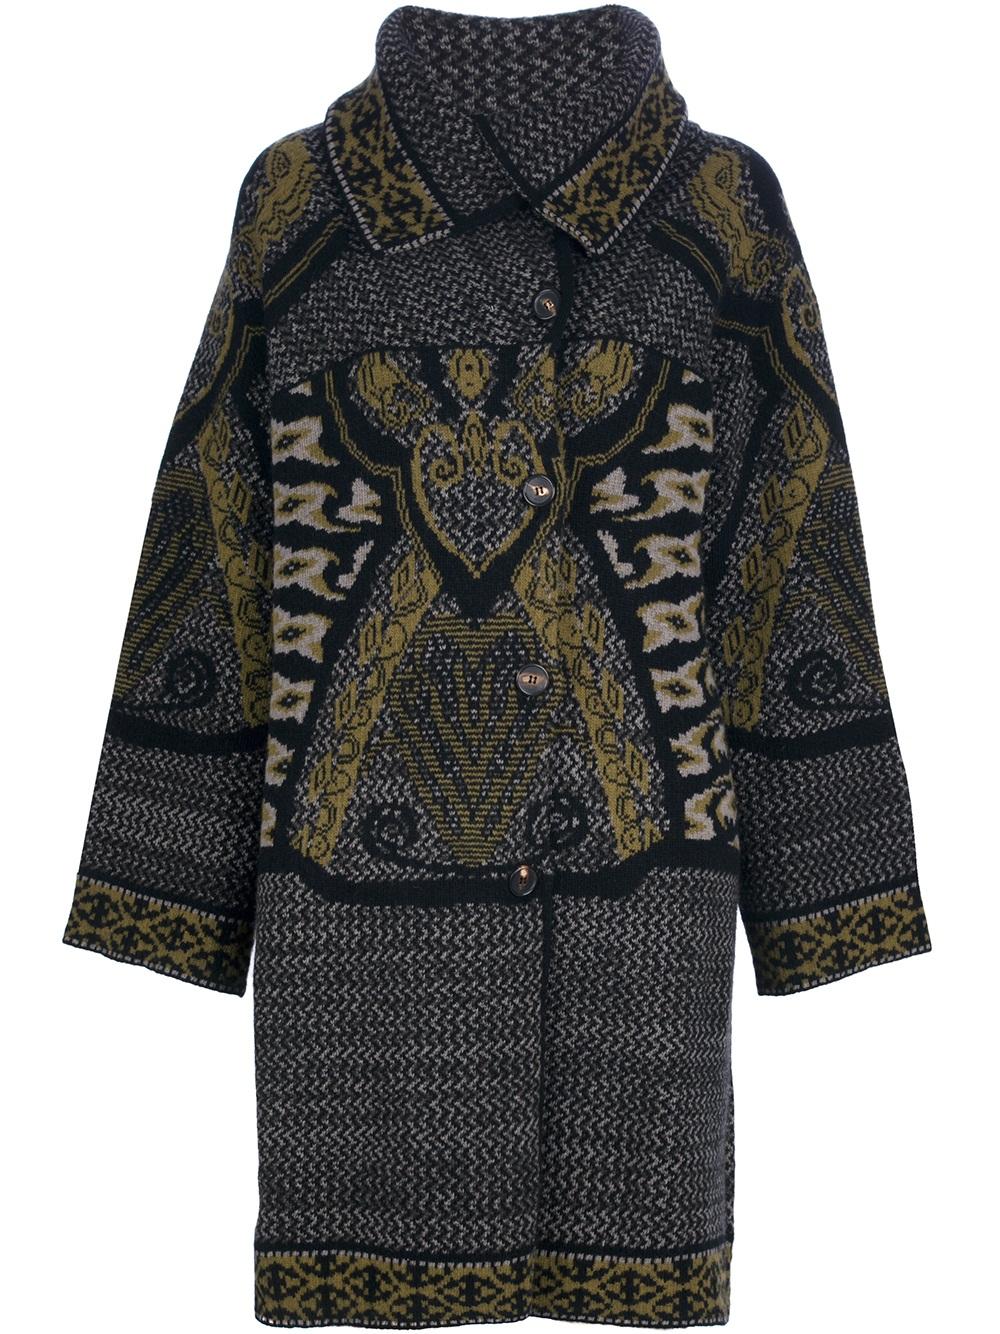 etro knitted coat.jpg